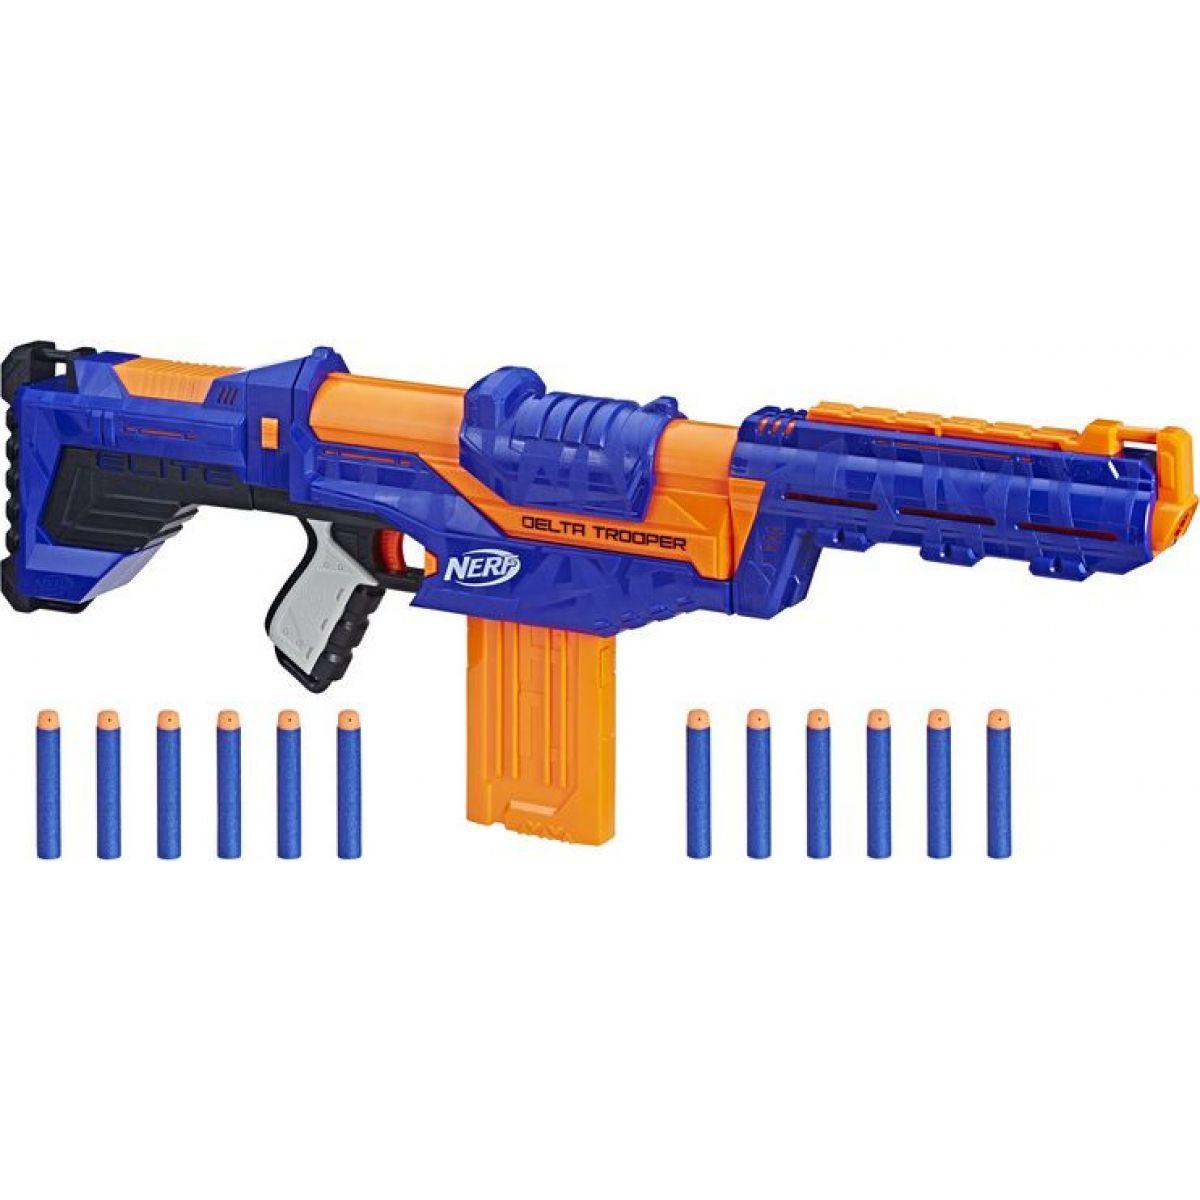 Hasbro Nerf N-Strike Elite Delta Trooper - Poškodený obal